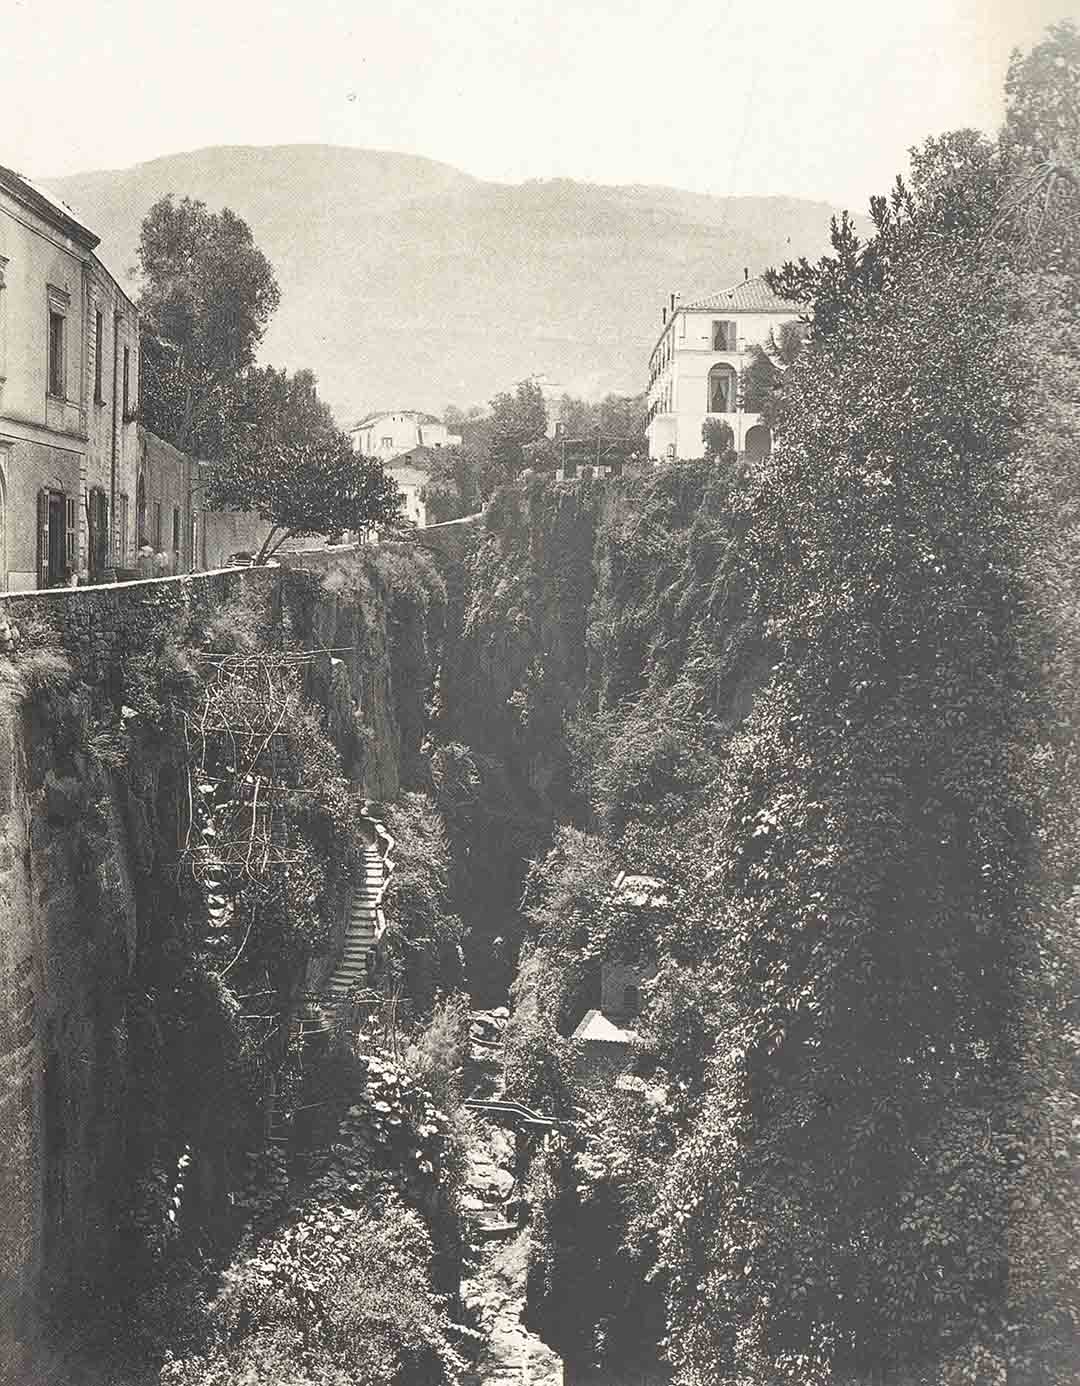 Anonimo, Vallone di Sorrento, 1865